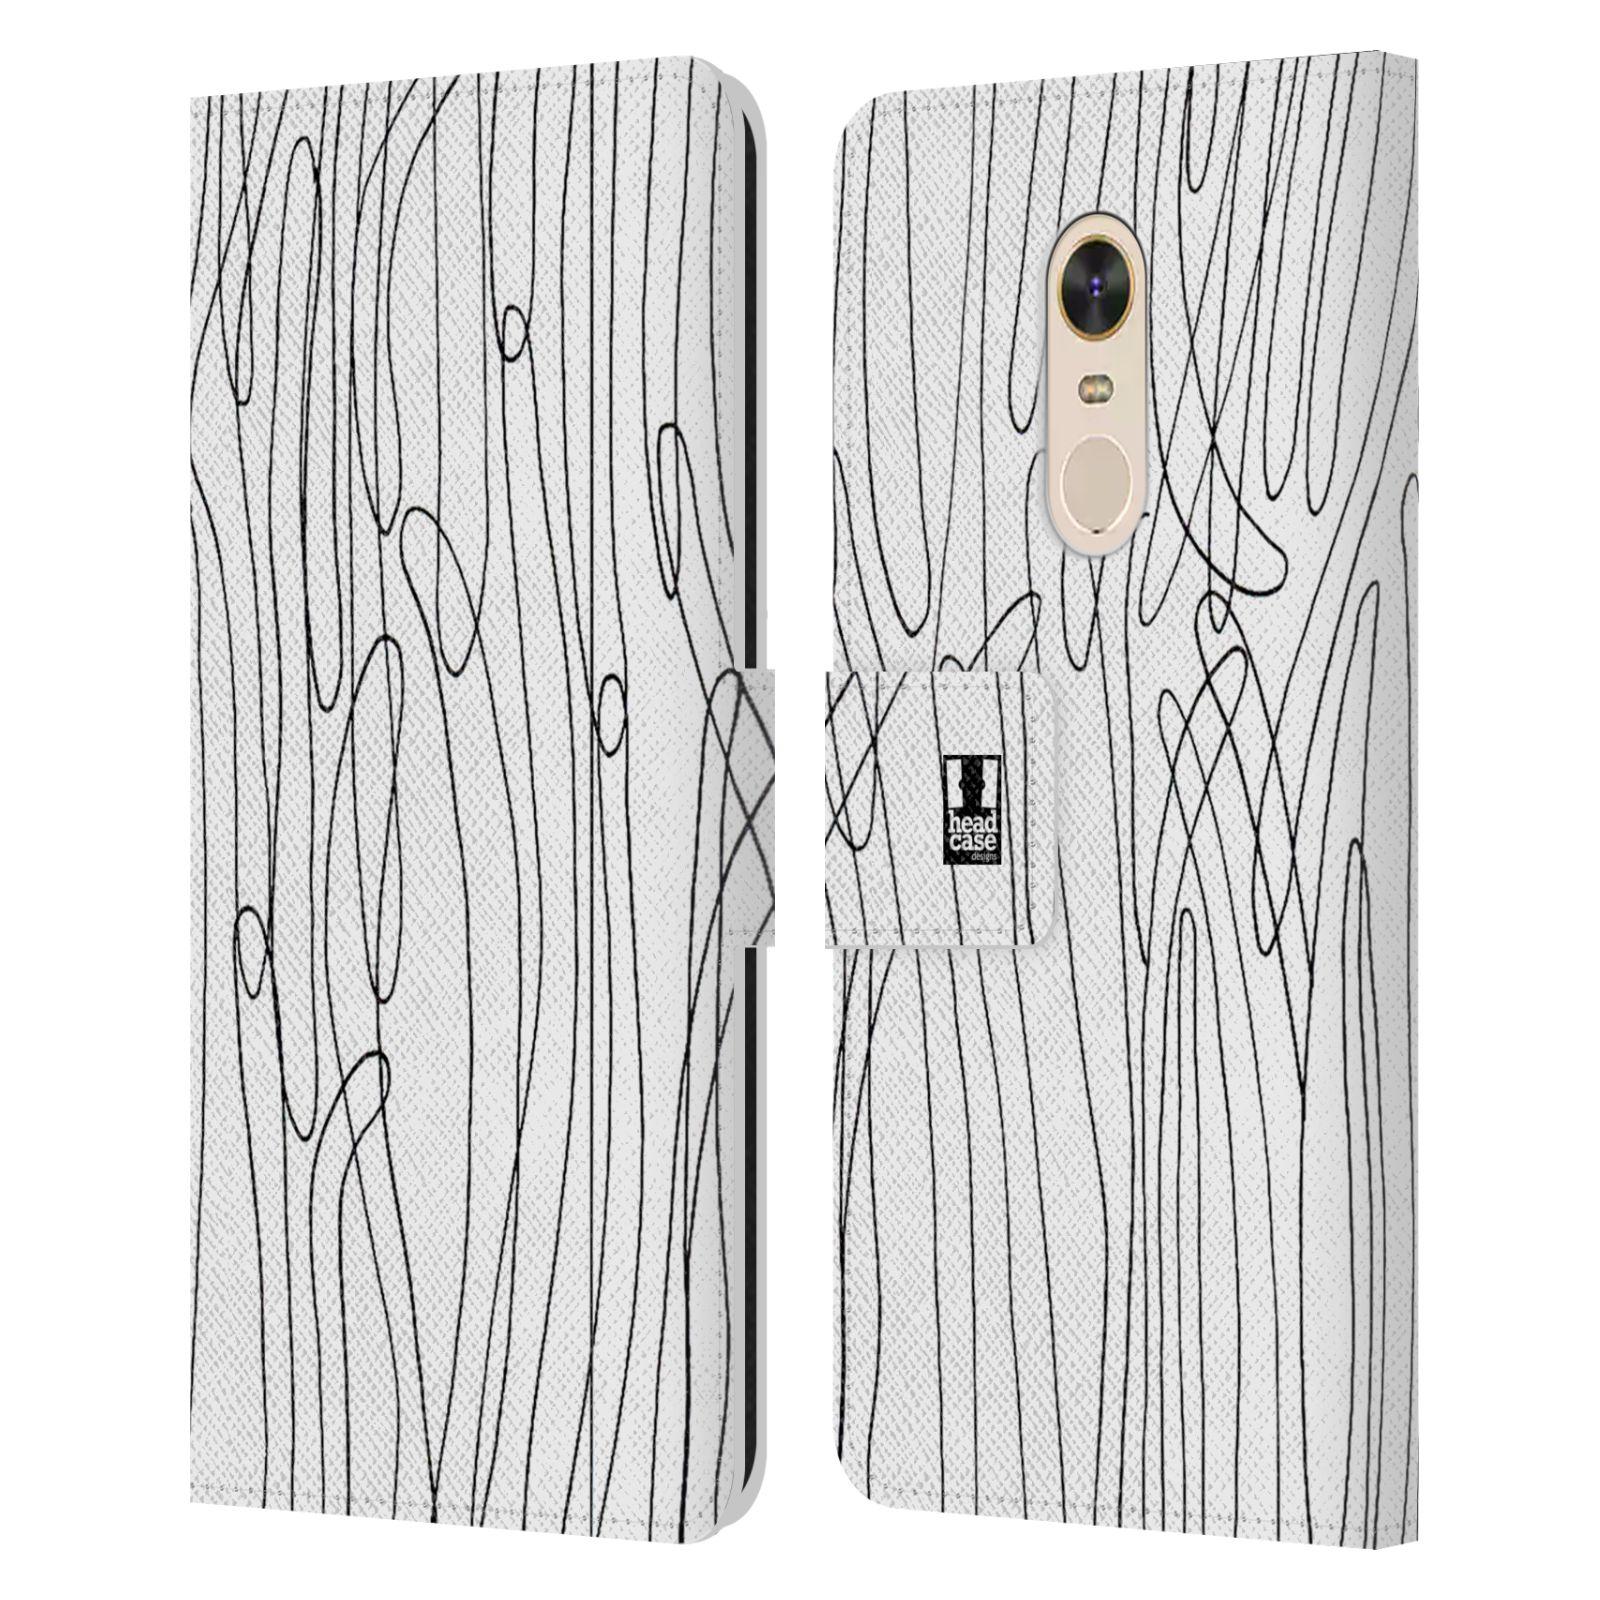 HEAD CASE Flipové pouzdro pro mobil Xiaomi Redmi Note 5 kresba a čmáranice vlny černá a bílá